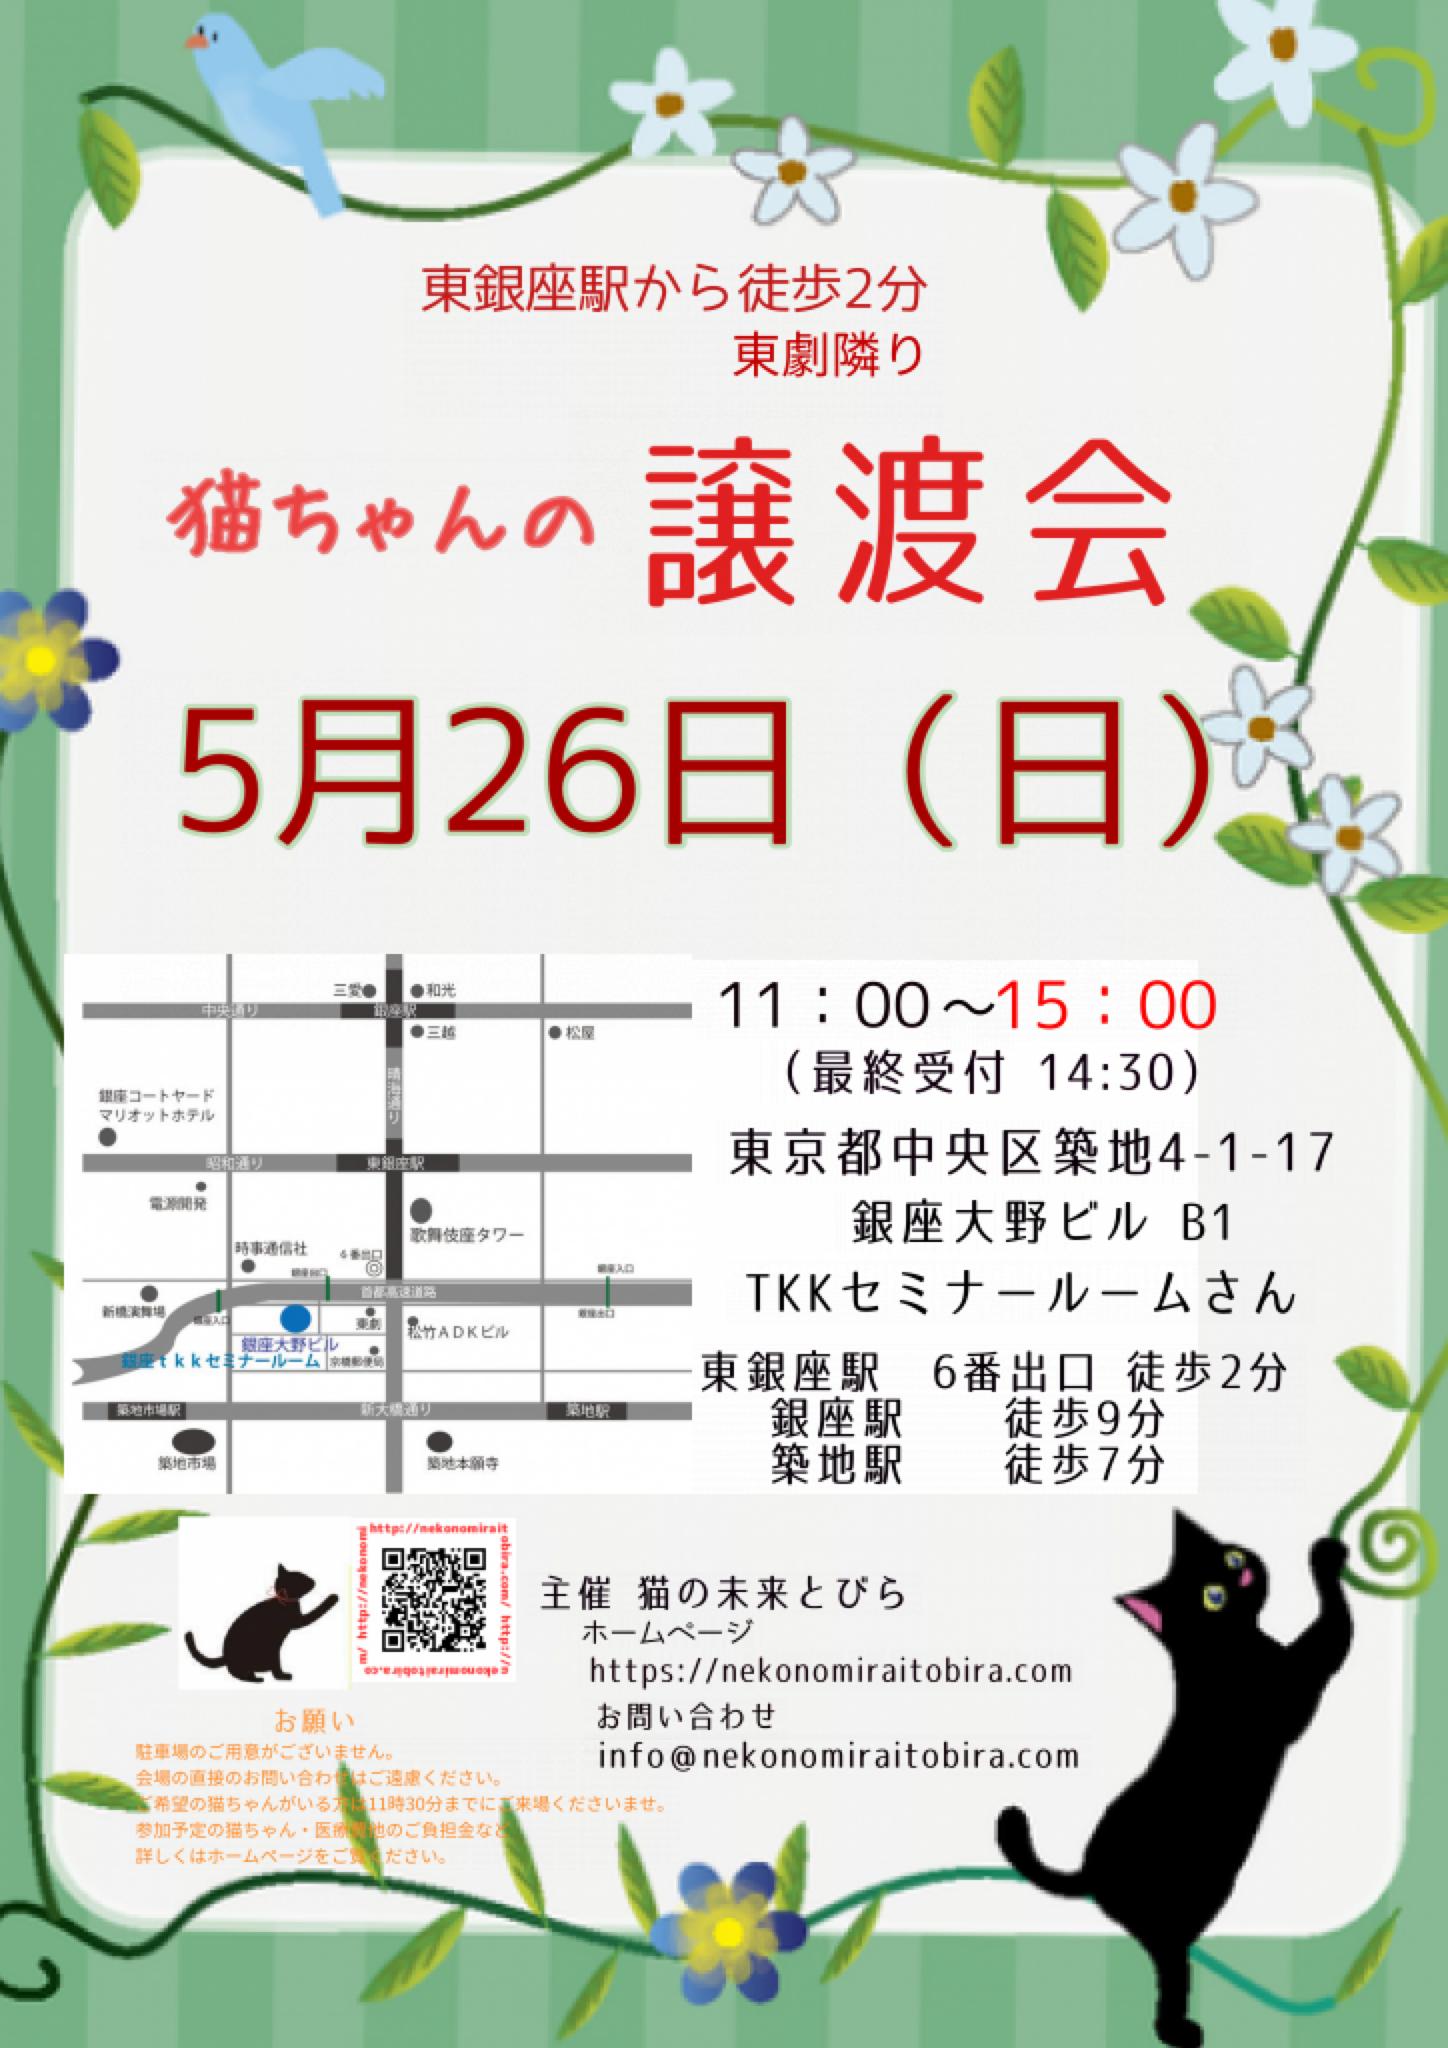 【 第33回】 <br>東京東銀座にて ねこの譲渡会開催